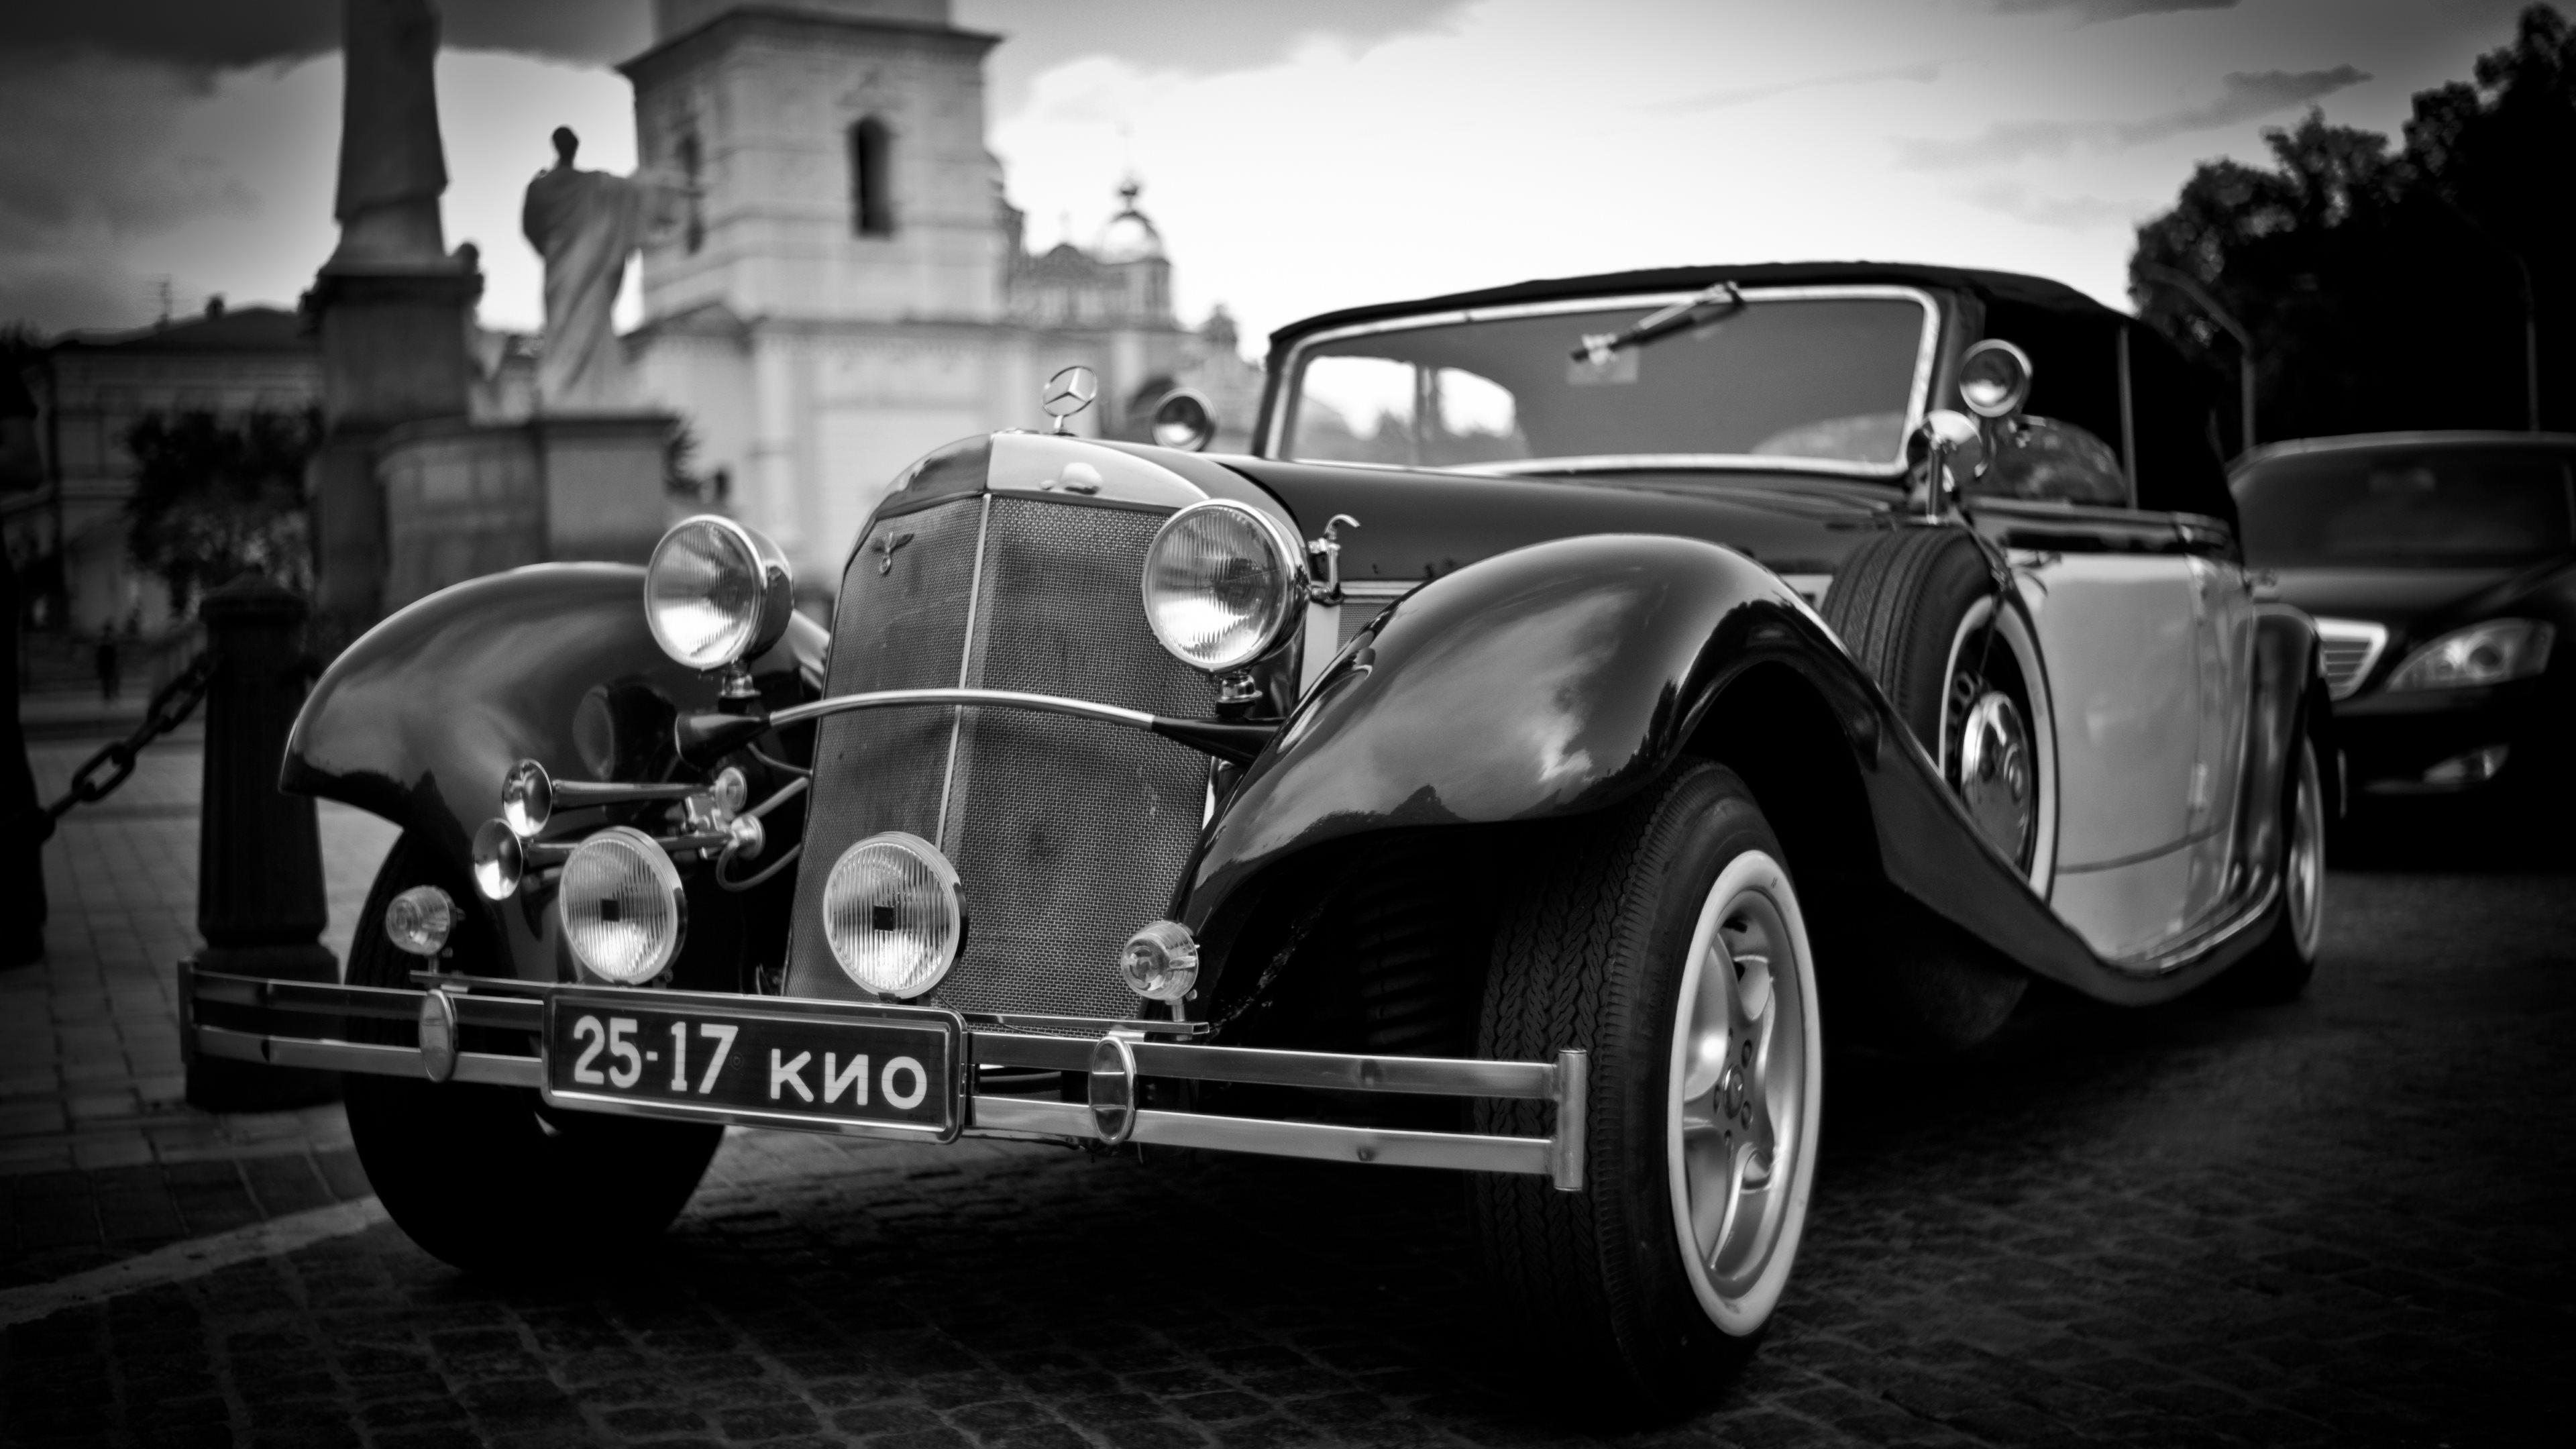 Vintage Antique Cars 50